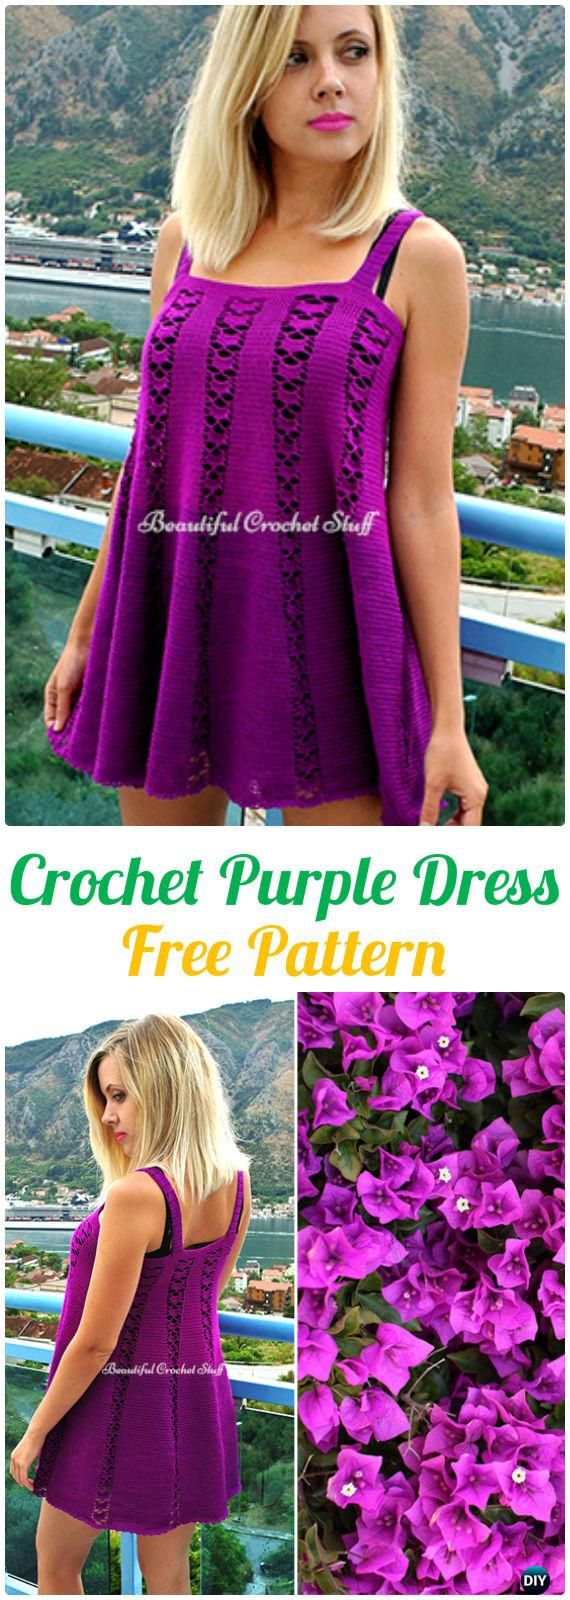 Crochet Purple Dress Free Pattern - Crochet Women Dress Free Patterns